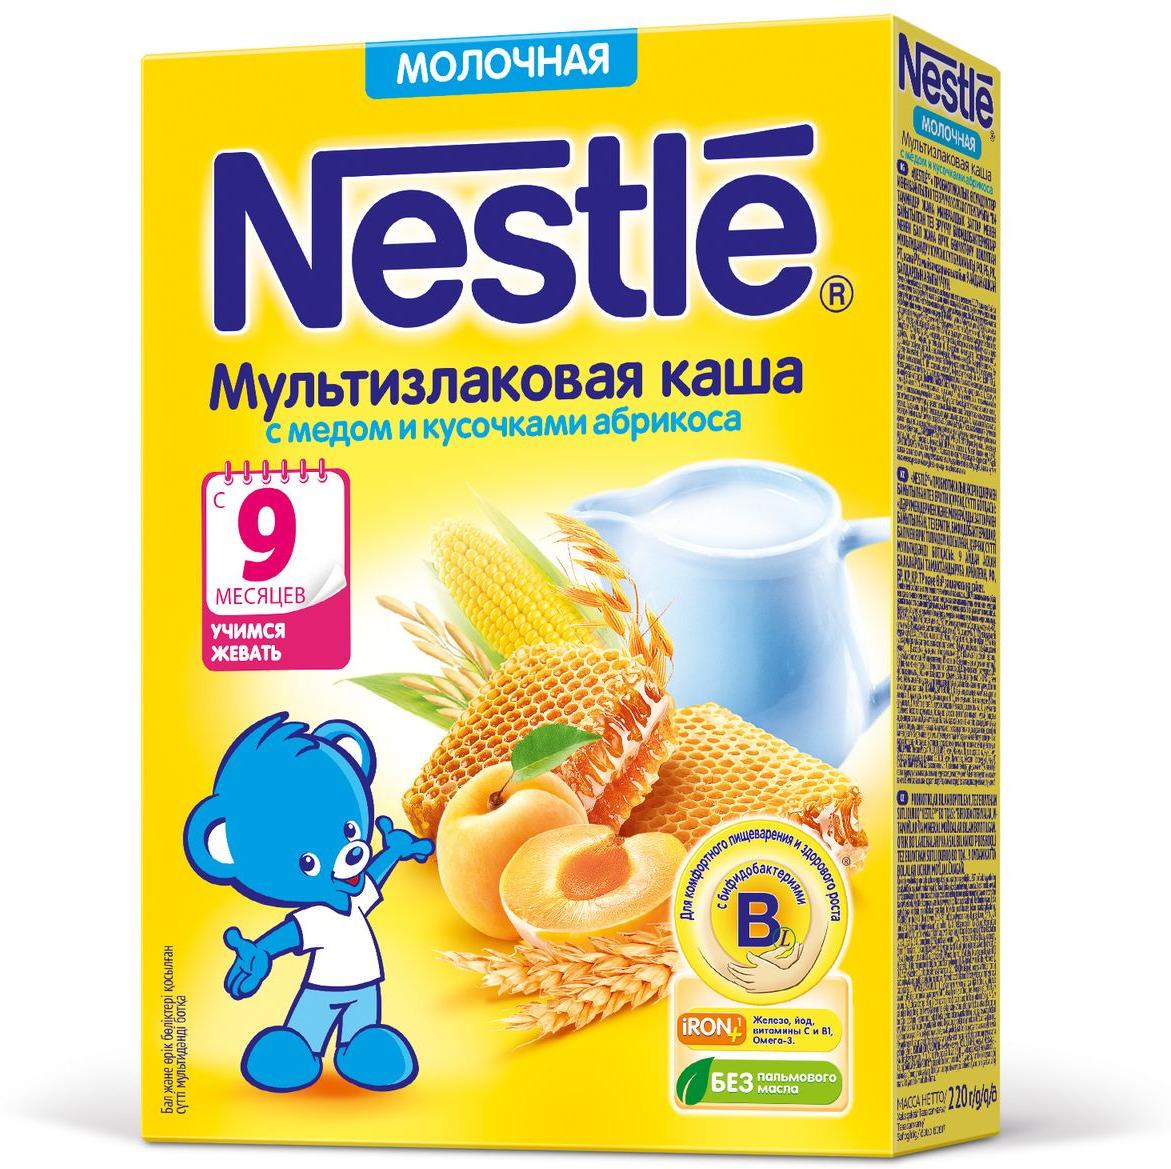 Nestle мультизлаковая мед абрикос каша молочная, 220 г